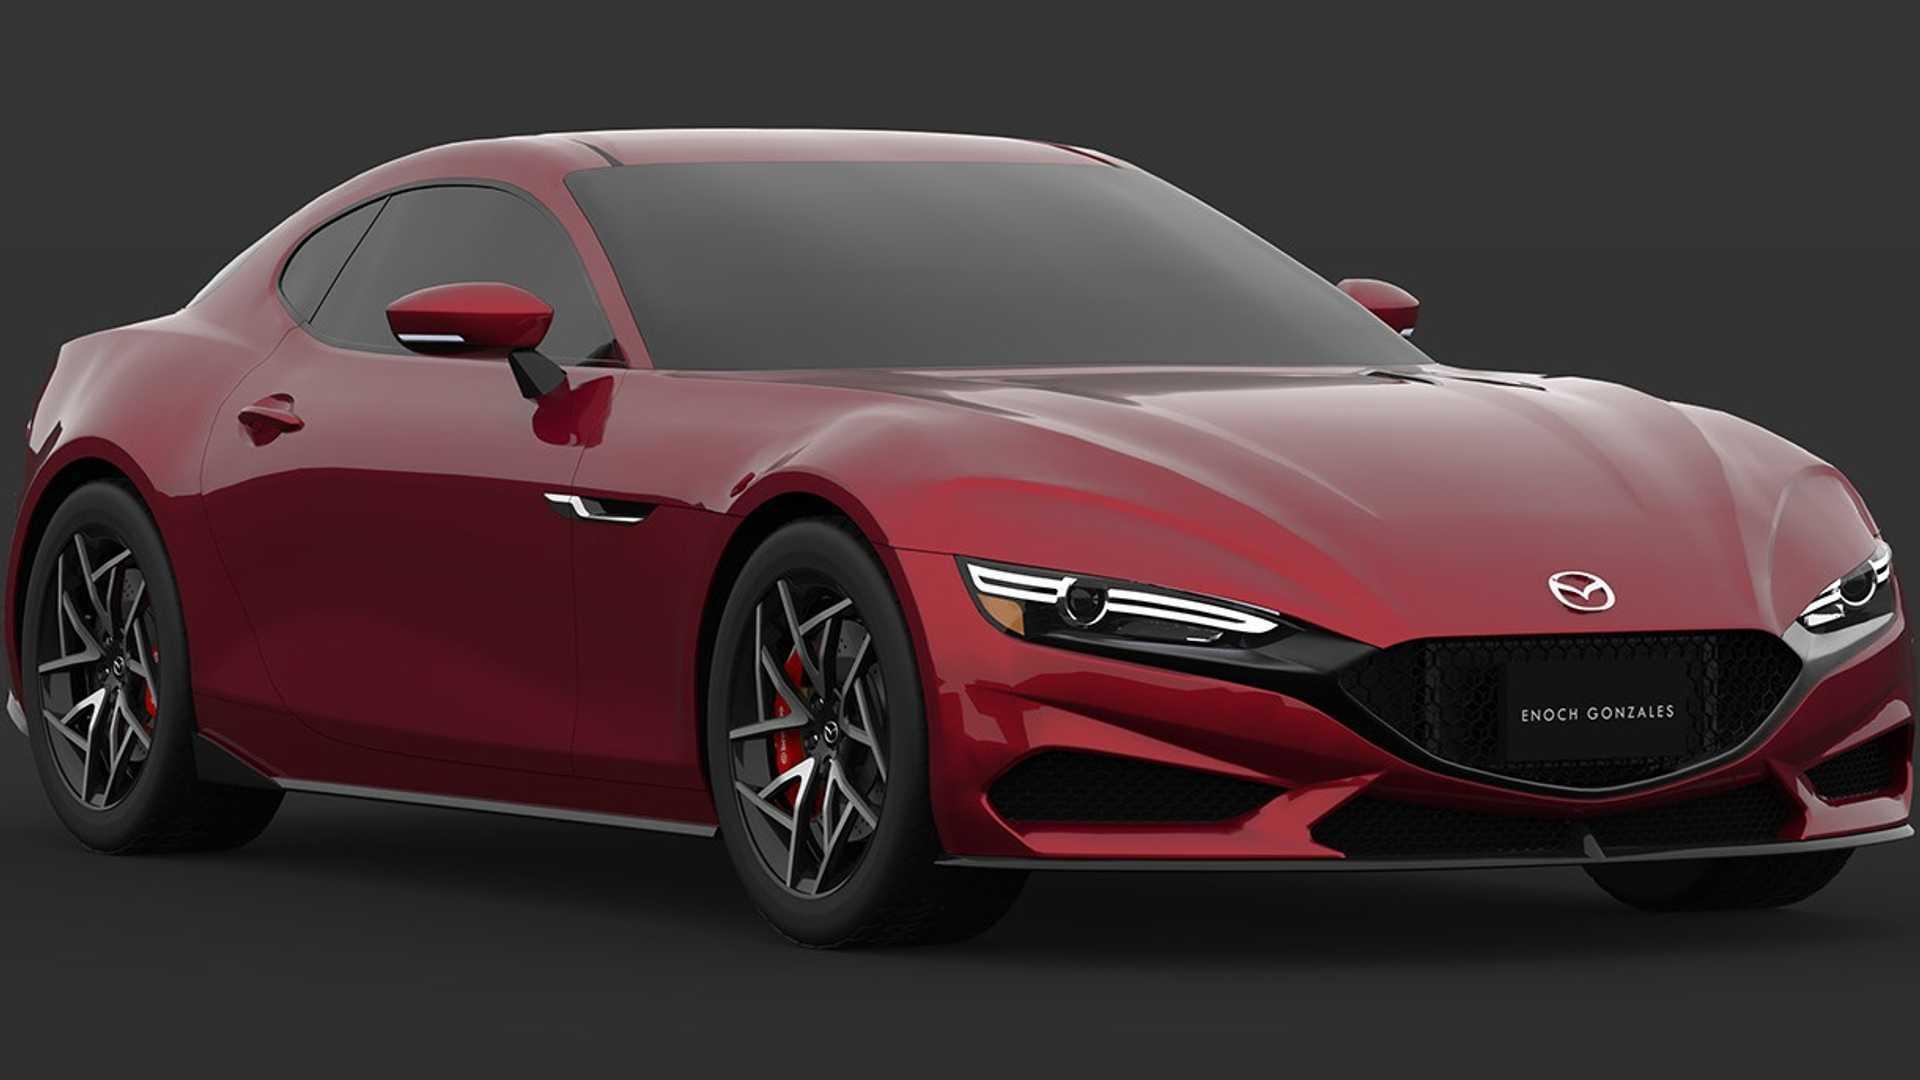 2021 Mazda RX7 Price